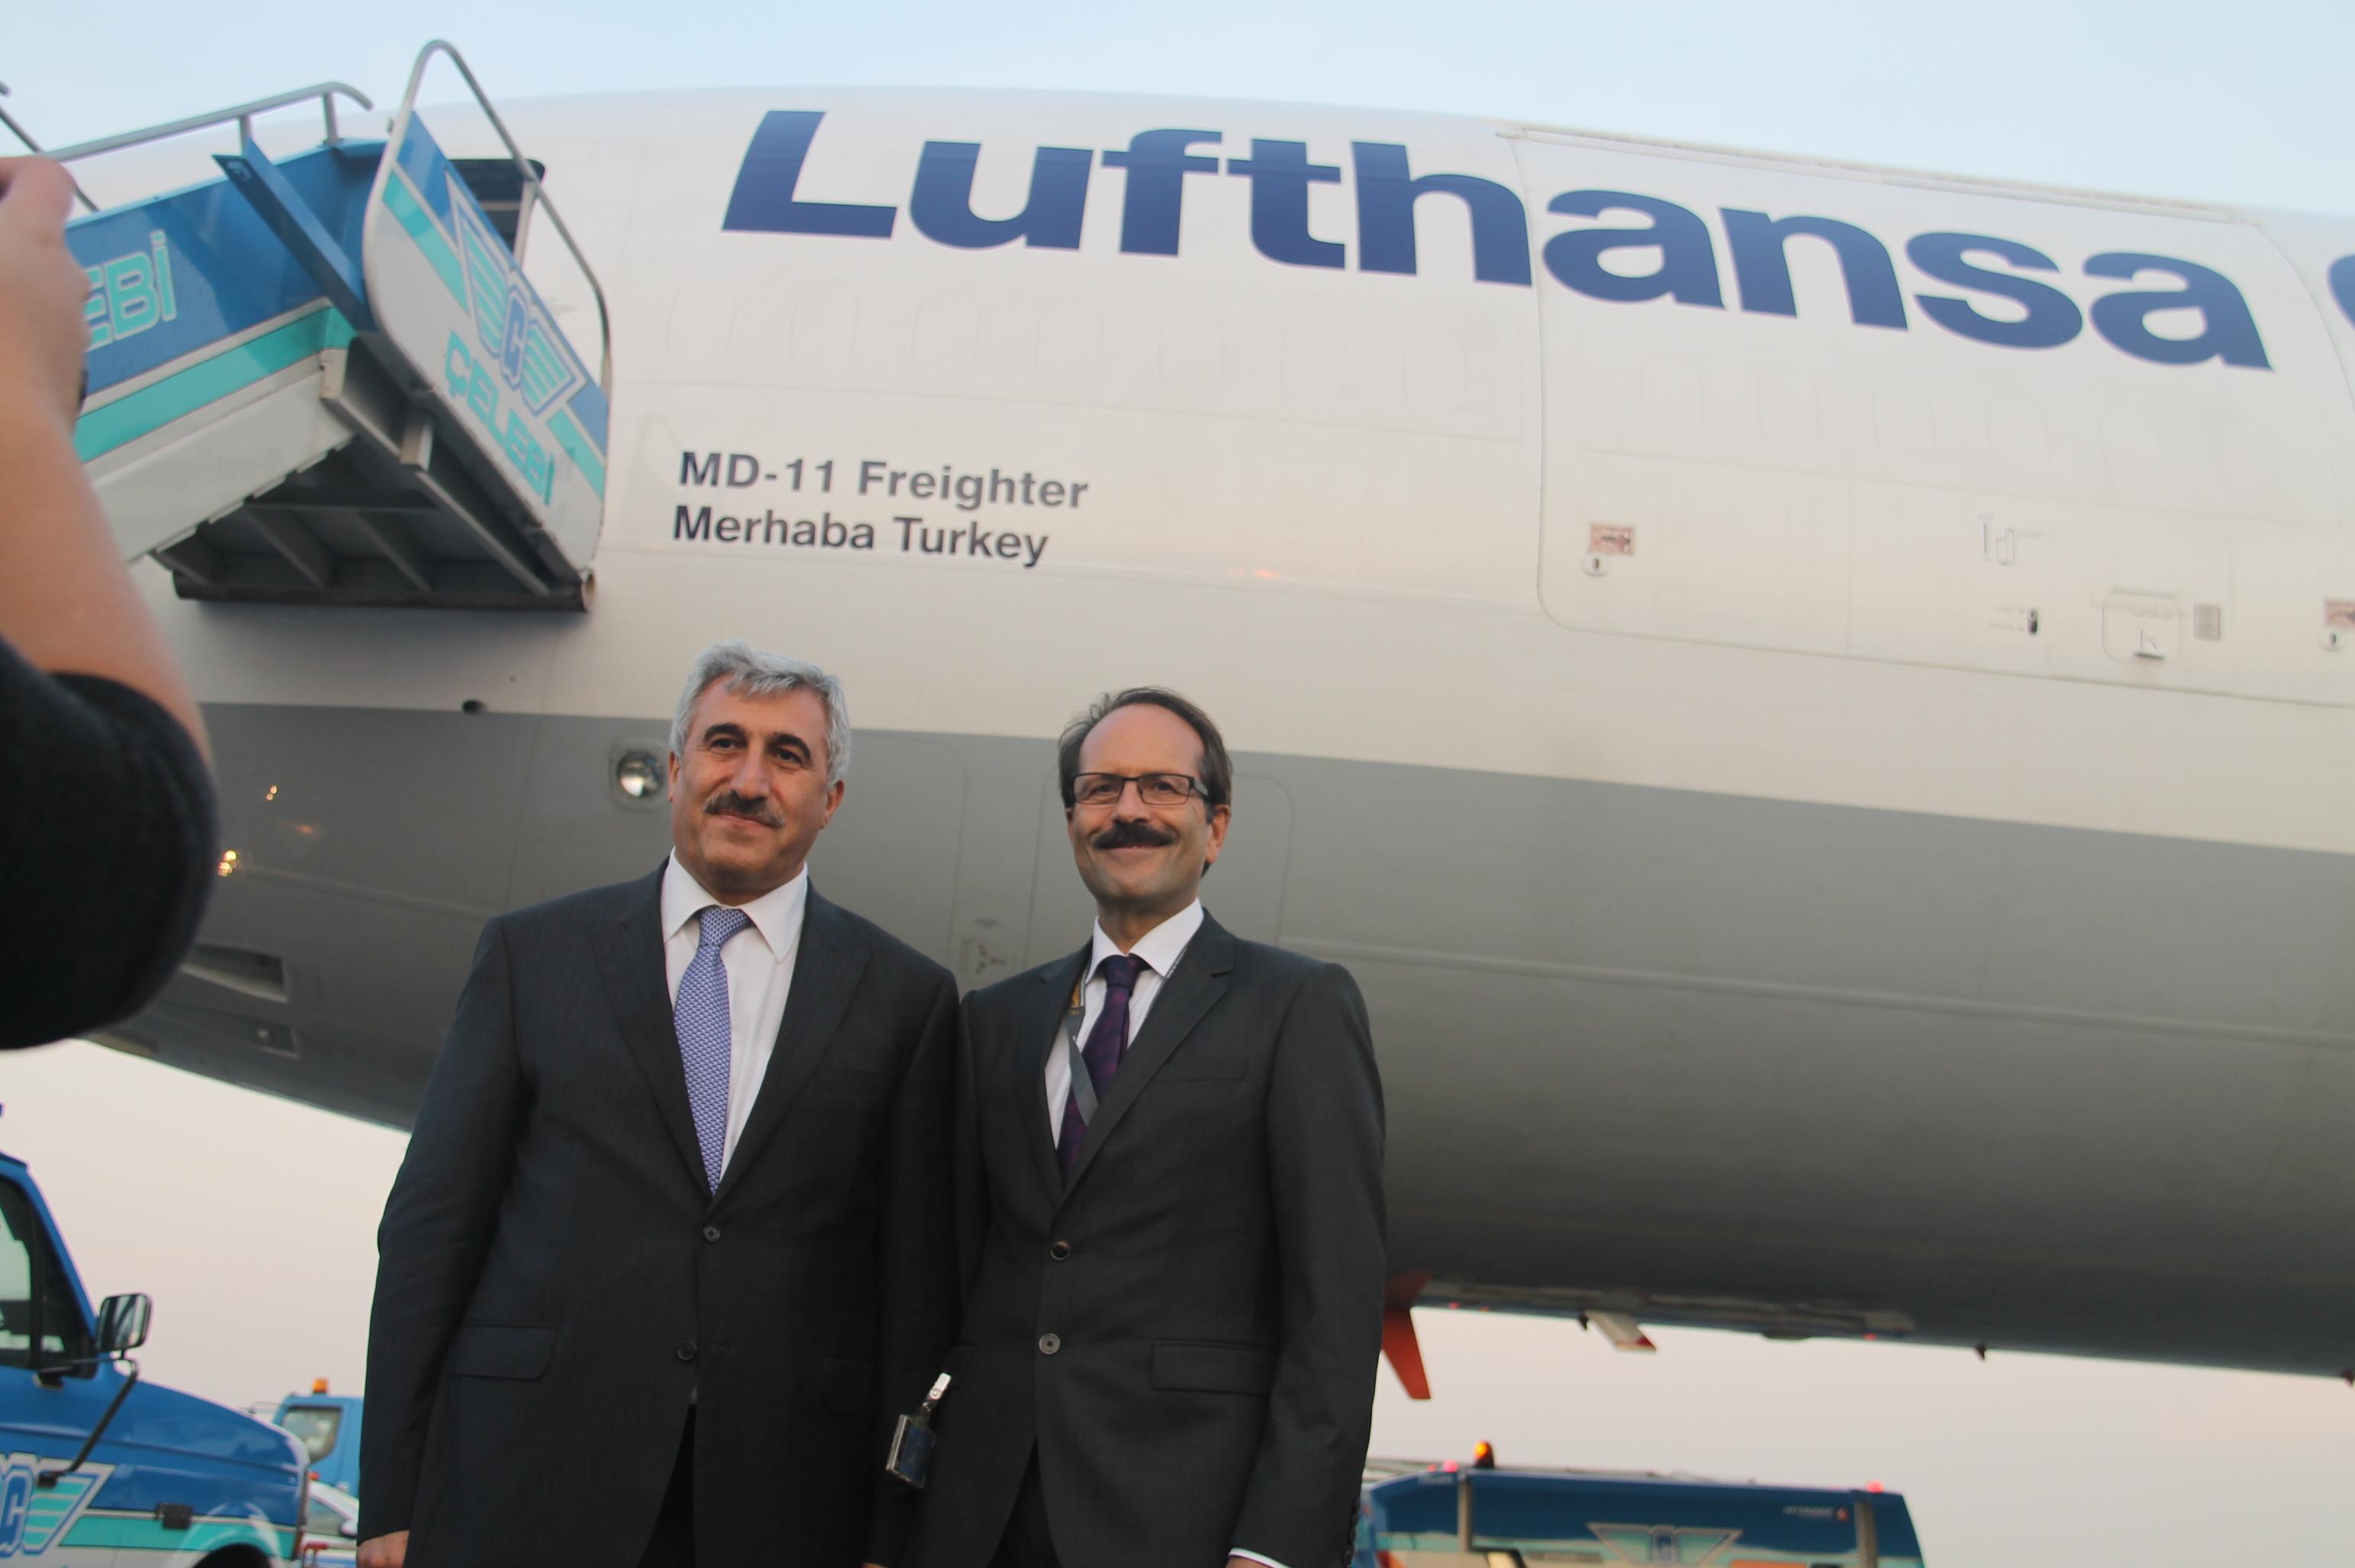 Lufthansa'nın yeni kargo uçağı Merhaba Turkey galerisi resim 8